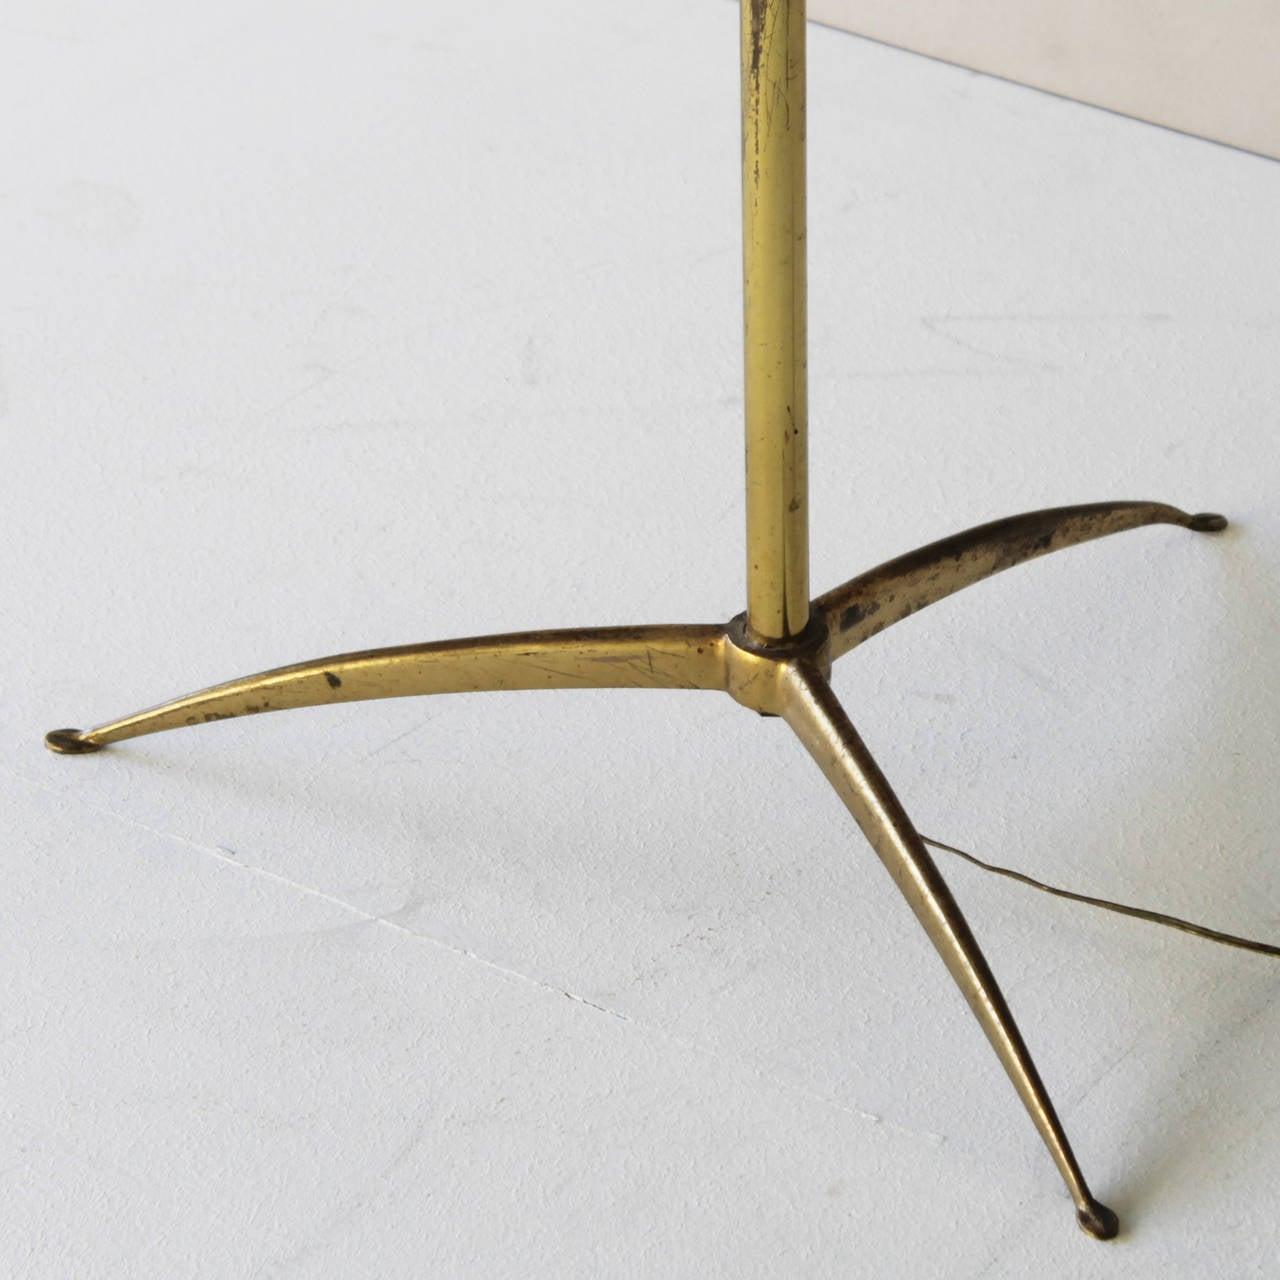 Brass Elegant Italian Floor Lamp by Arredoluce For Sale